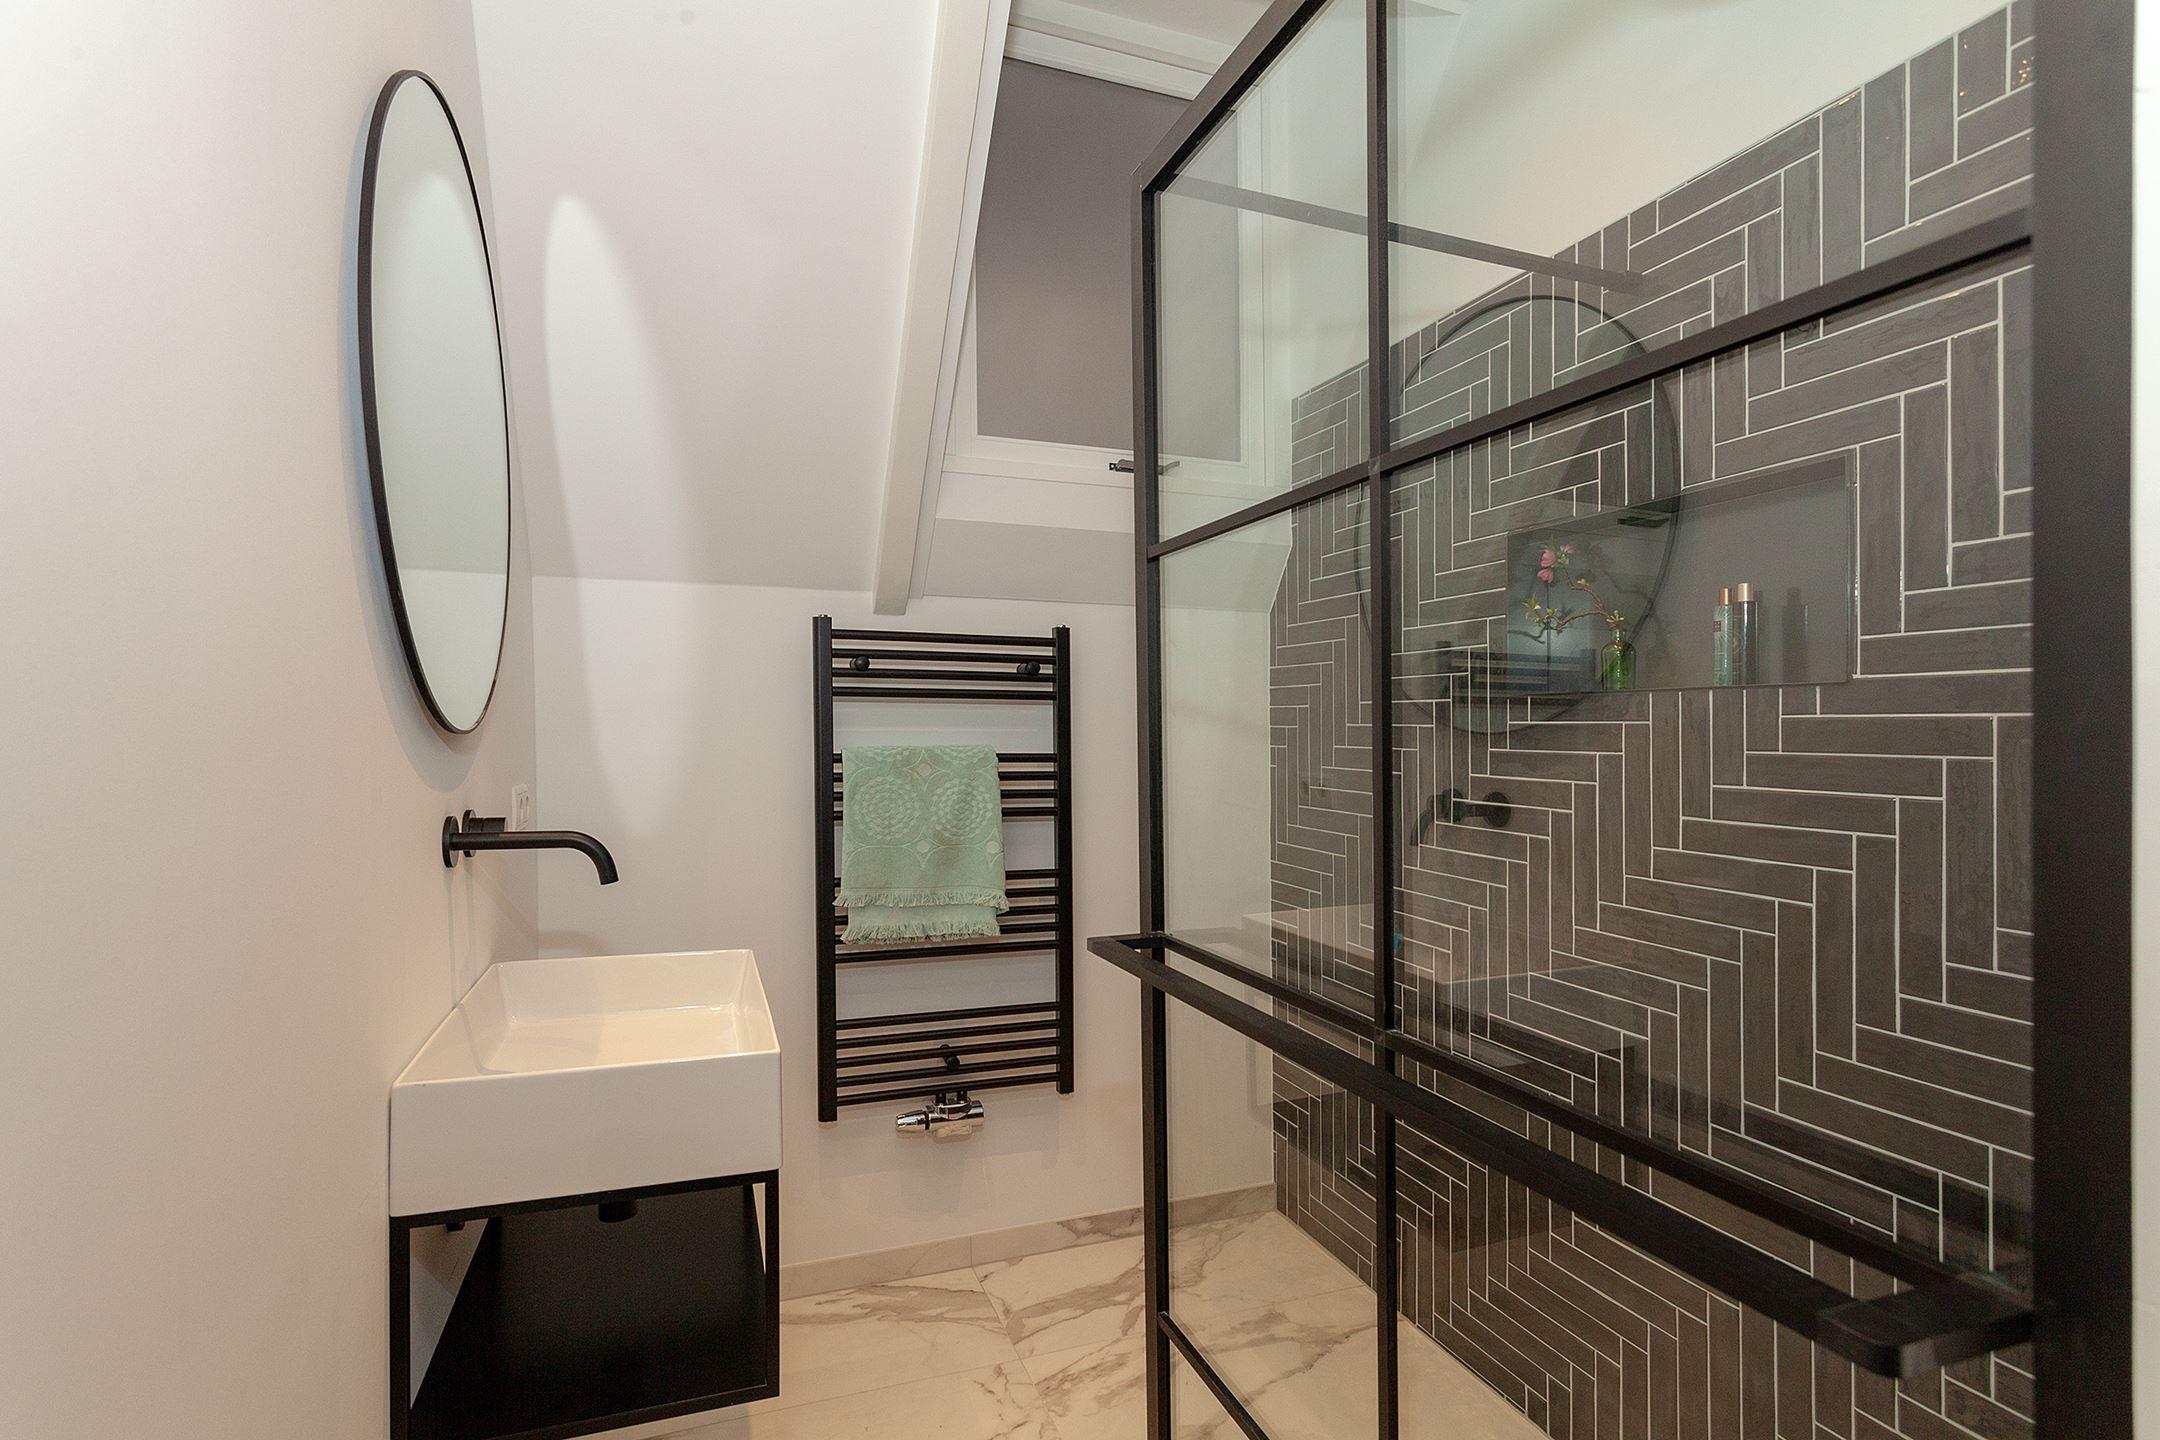 badkamer verbouwing renovatie rotterdam noordsingel